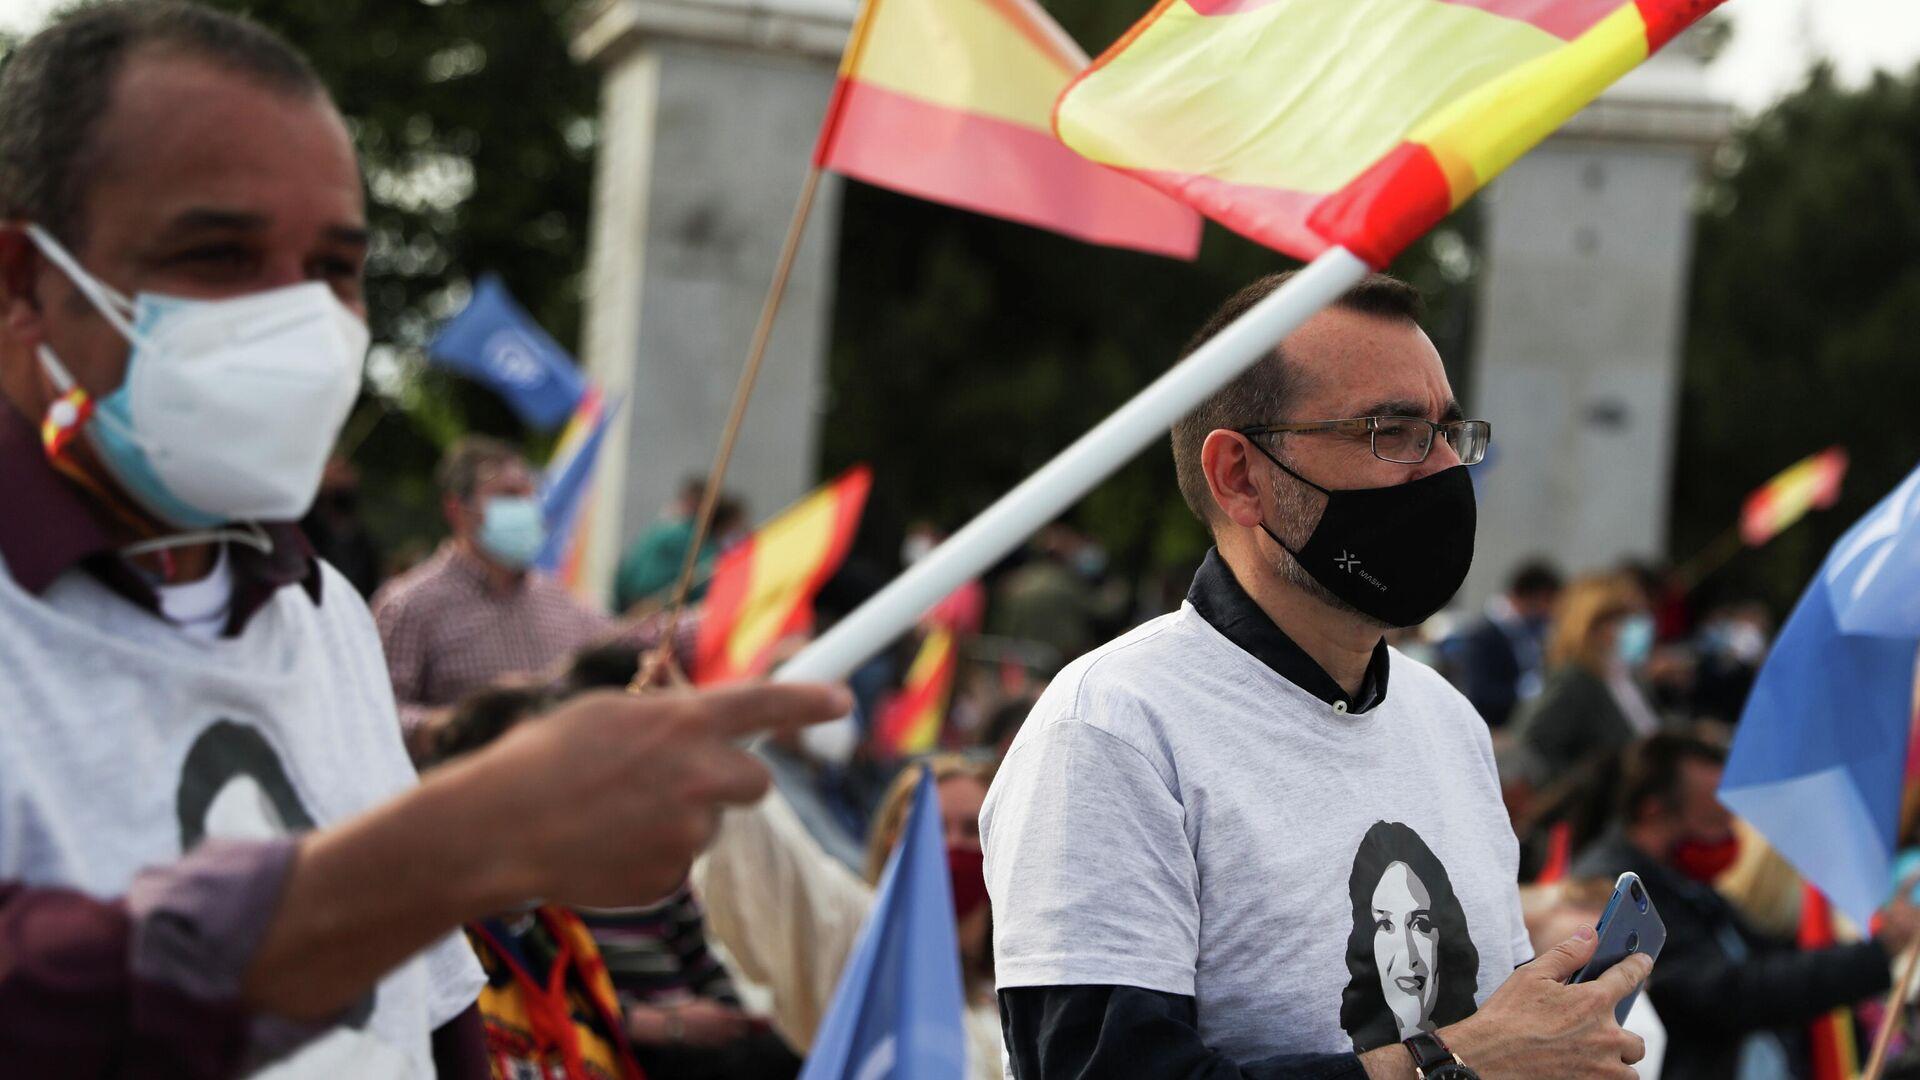 El cierre de campaña de las elecciones regionales en Madrid, España - Sputnik Mundo, 1920, 02.05.2021